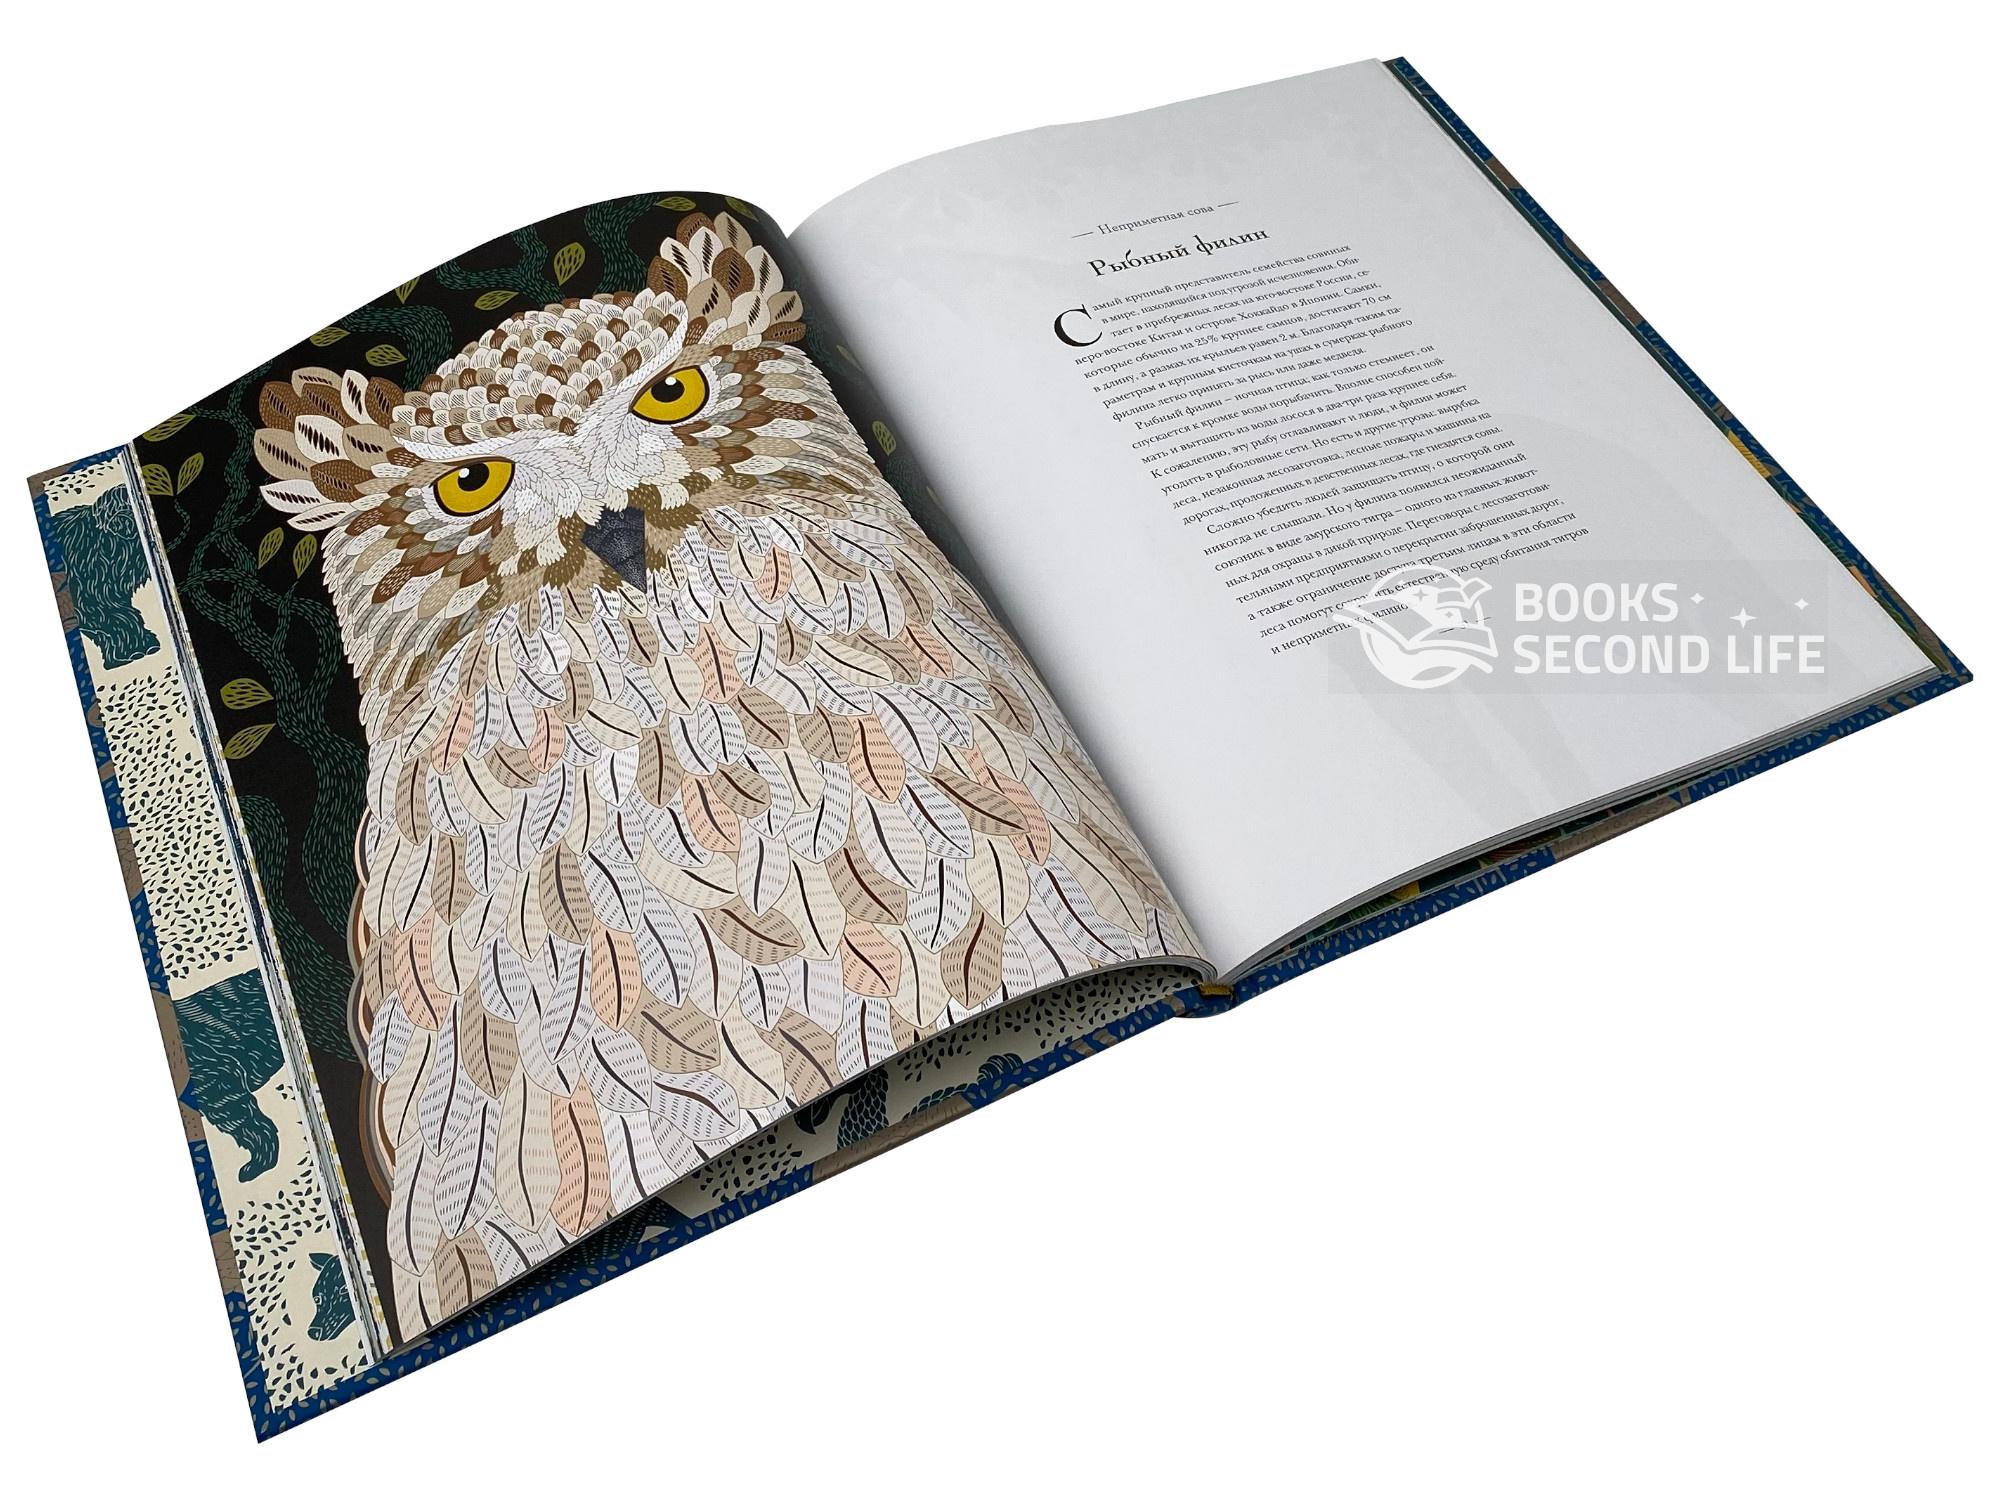 Книга исчезающих животных для неравнодушных сердец. Автор — Милли Маротта. Переплет —